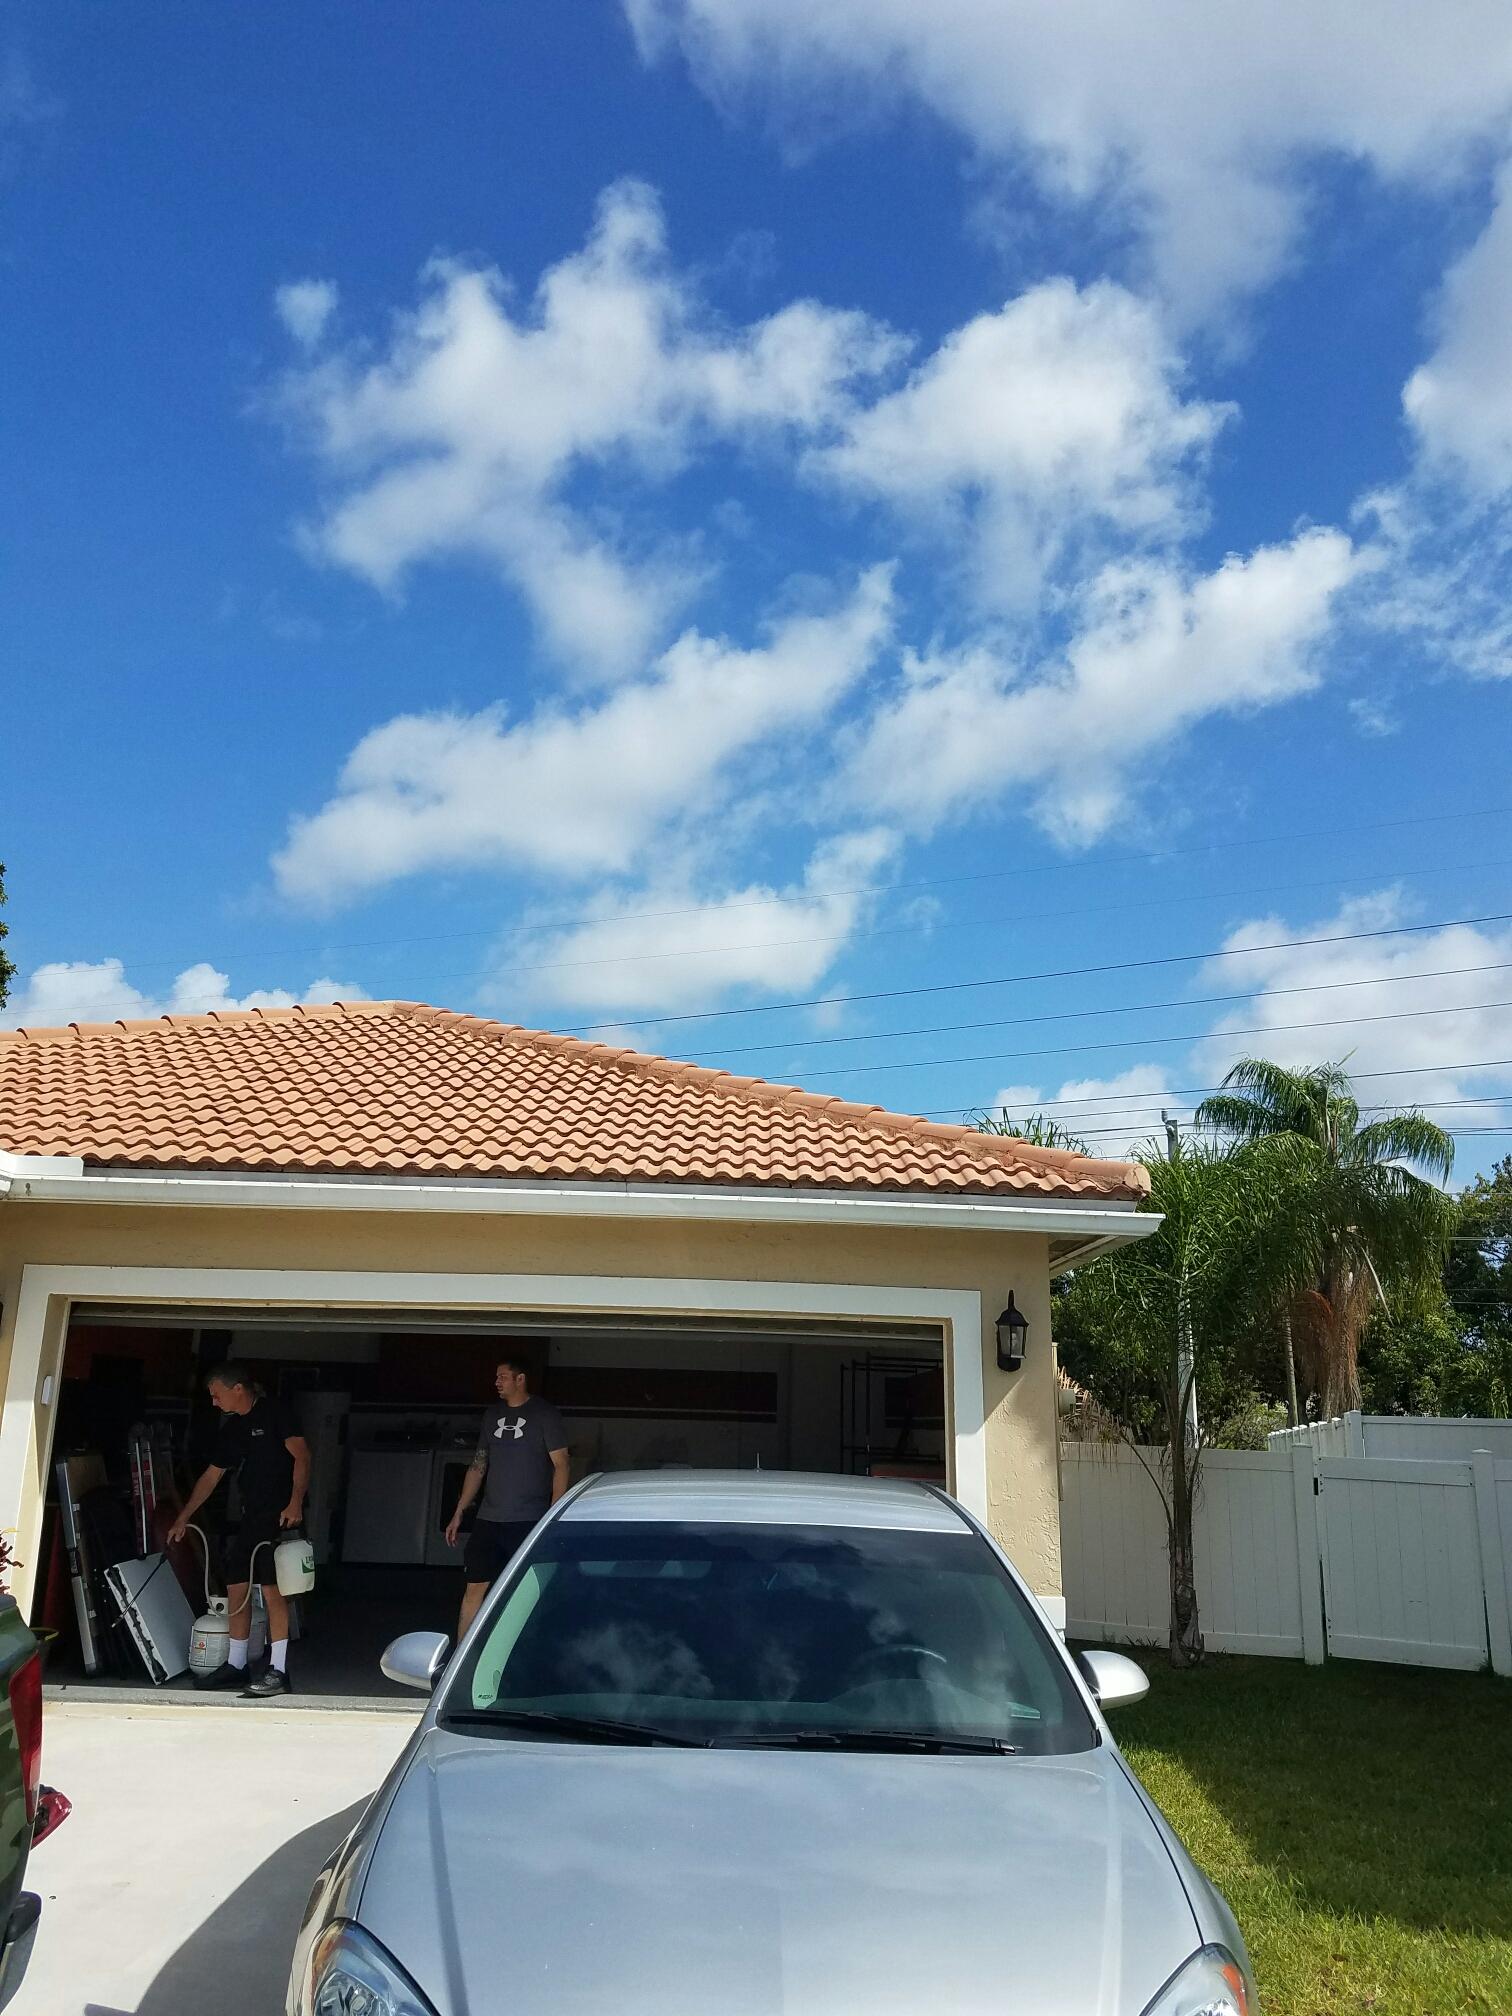 Coral Springs, FL - Tile roof repair Coral Springs